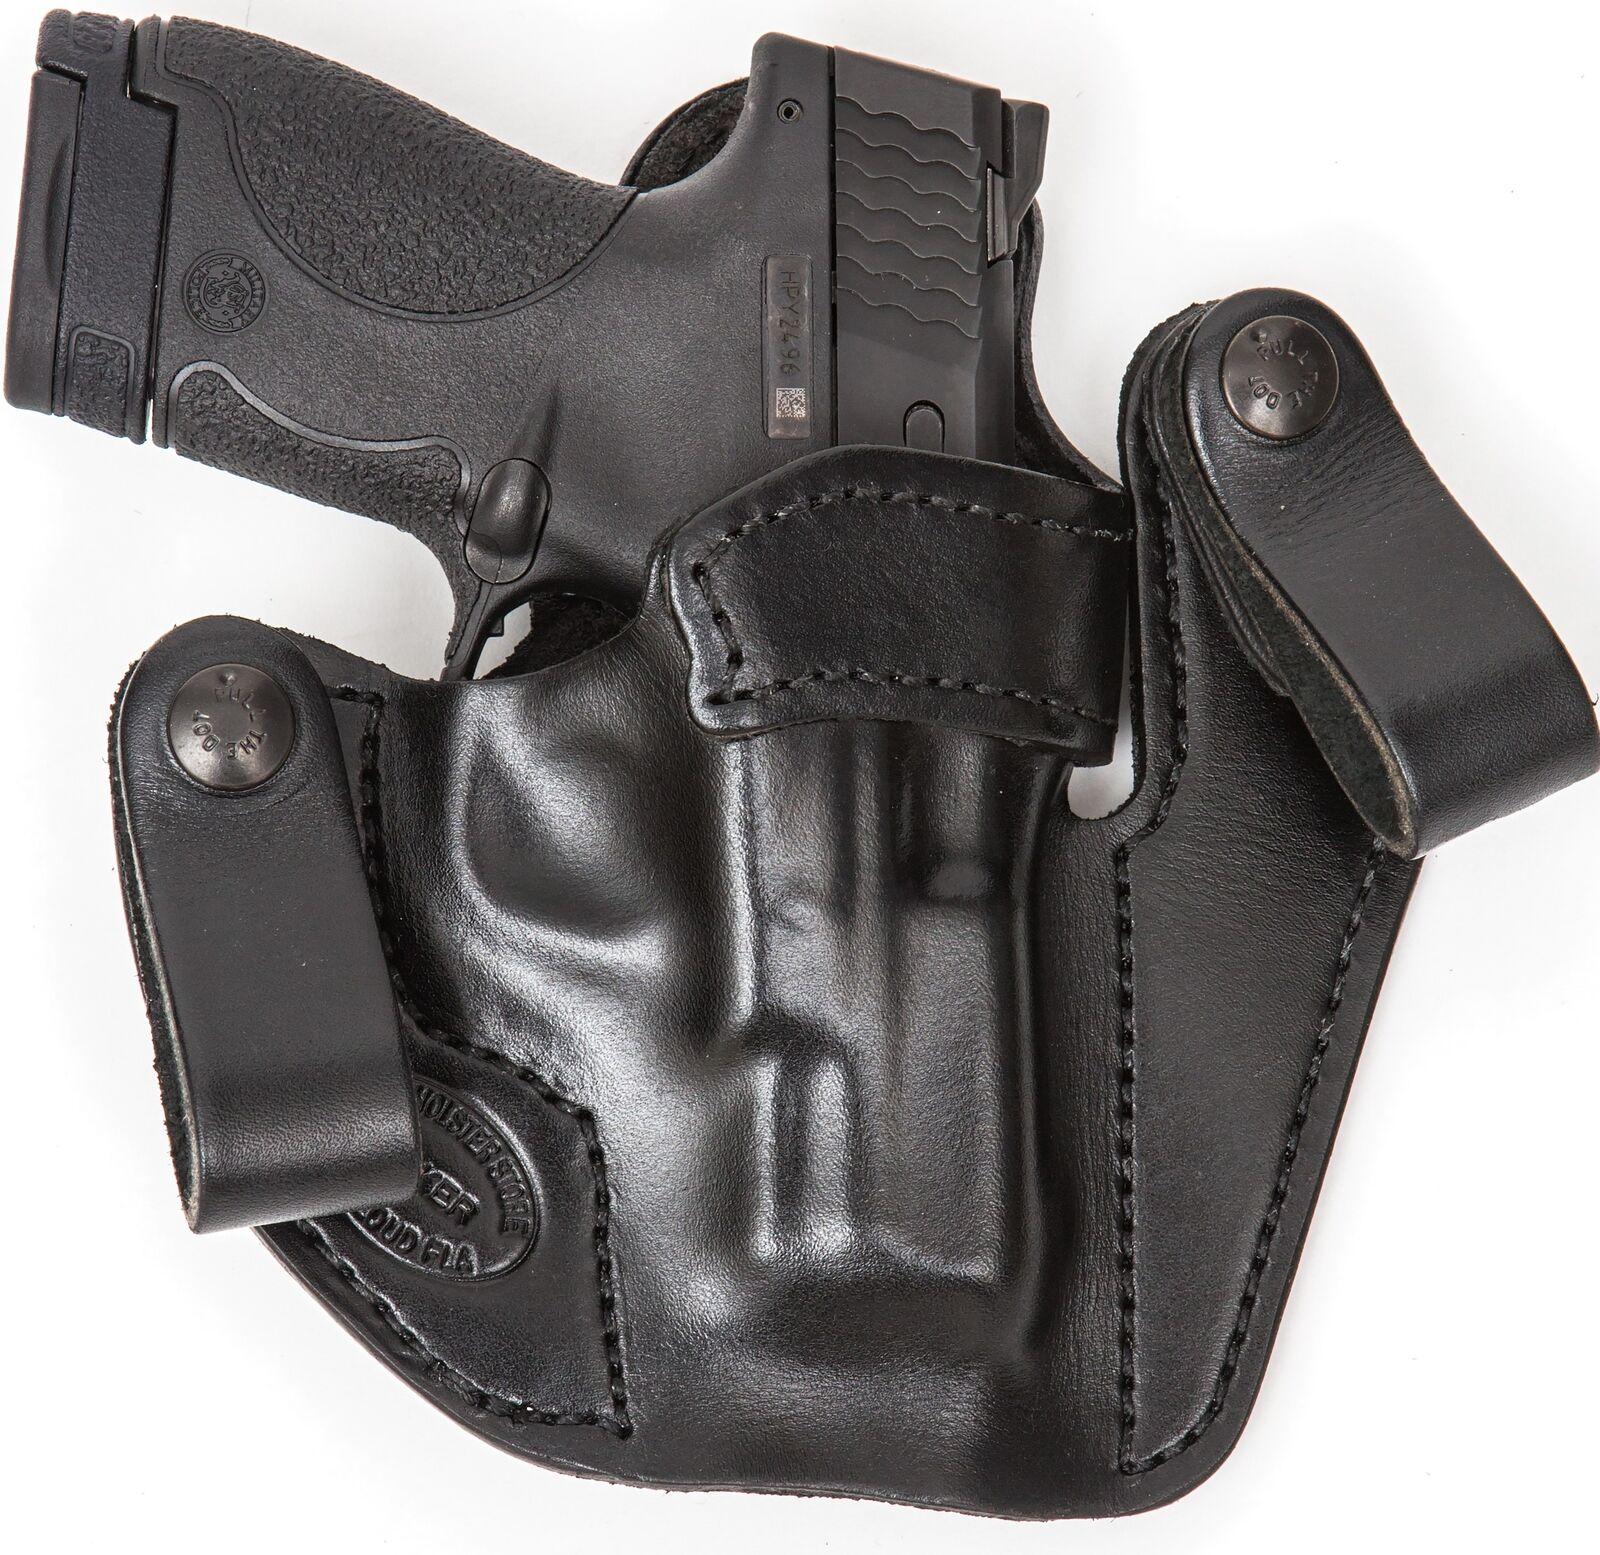 Xtreme llevar RH LH IWB Cuero Funda Pistola para EAA testigo de acero de tamaño completo